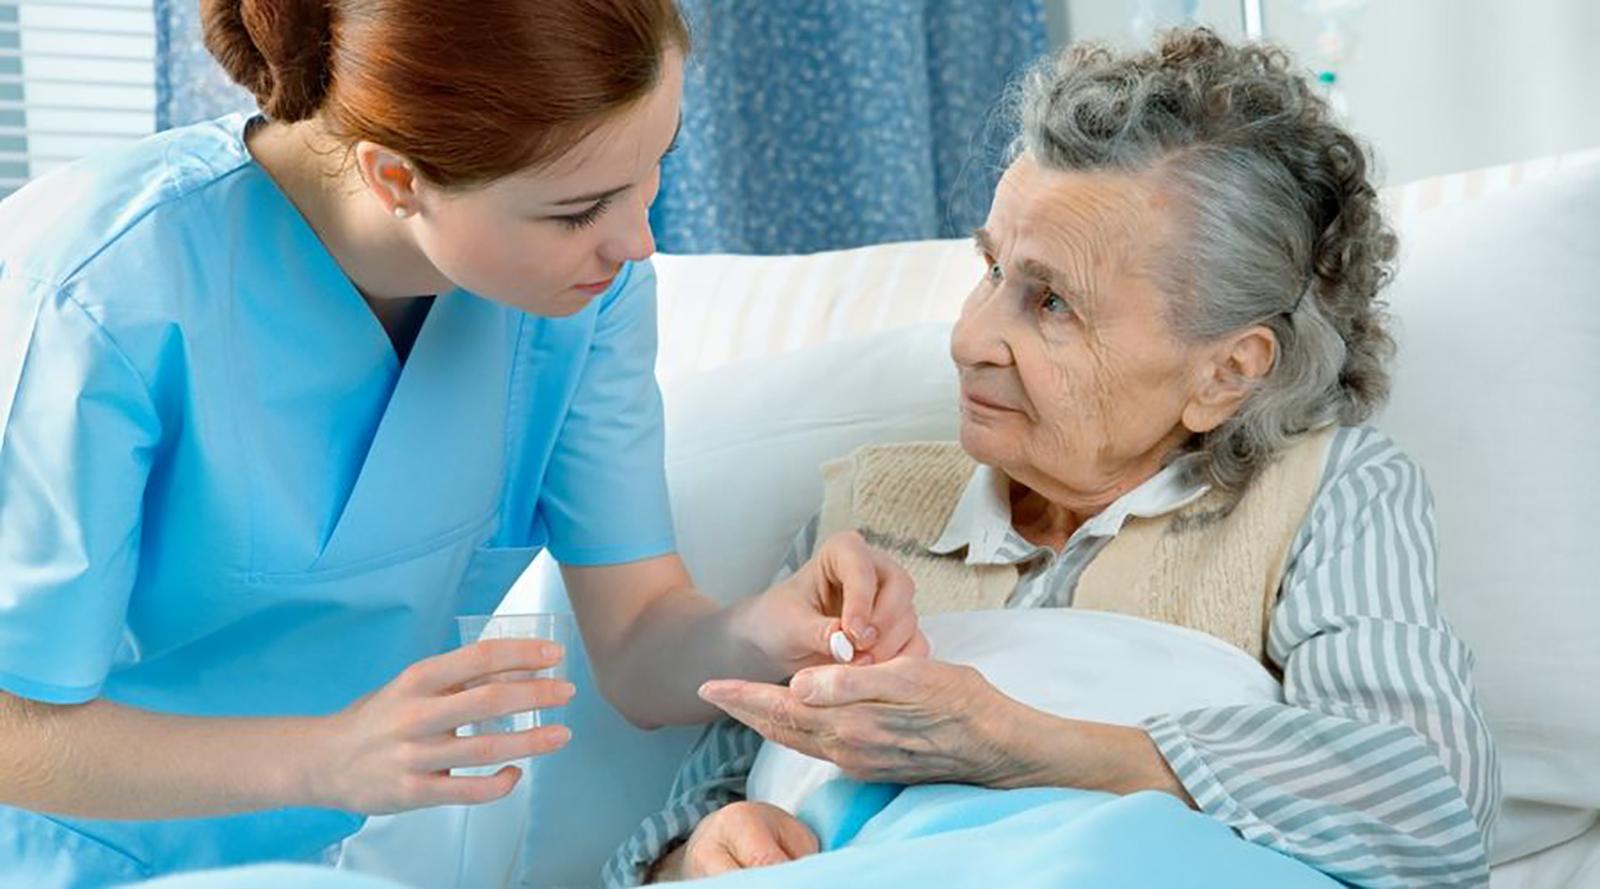 Infirmière avec les personnes âgées d'purb dpurb site web